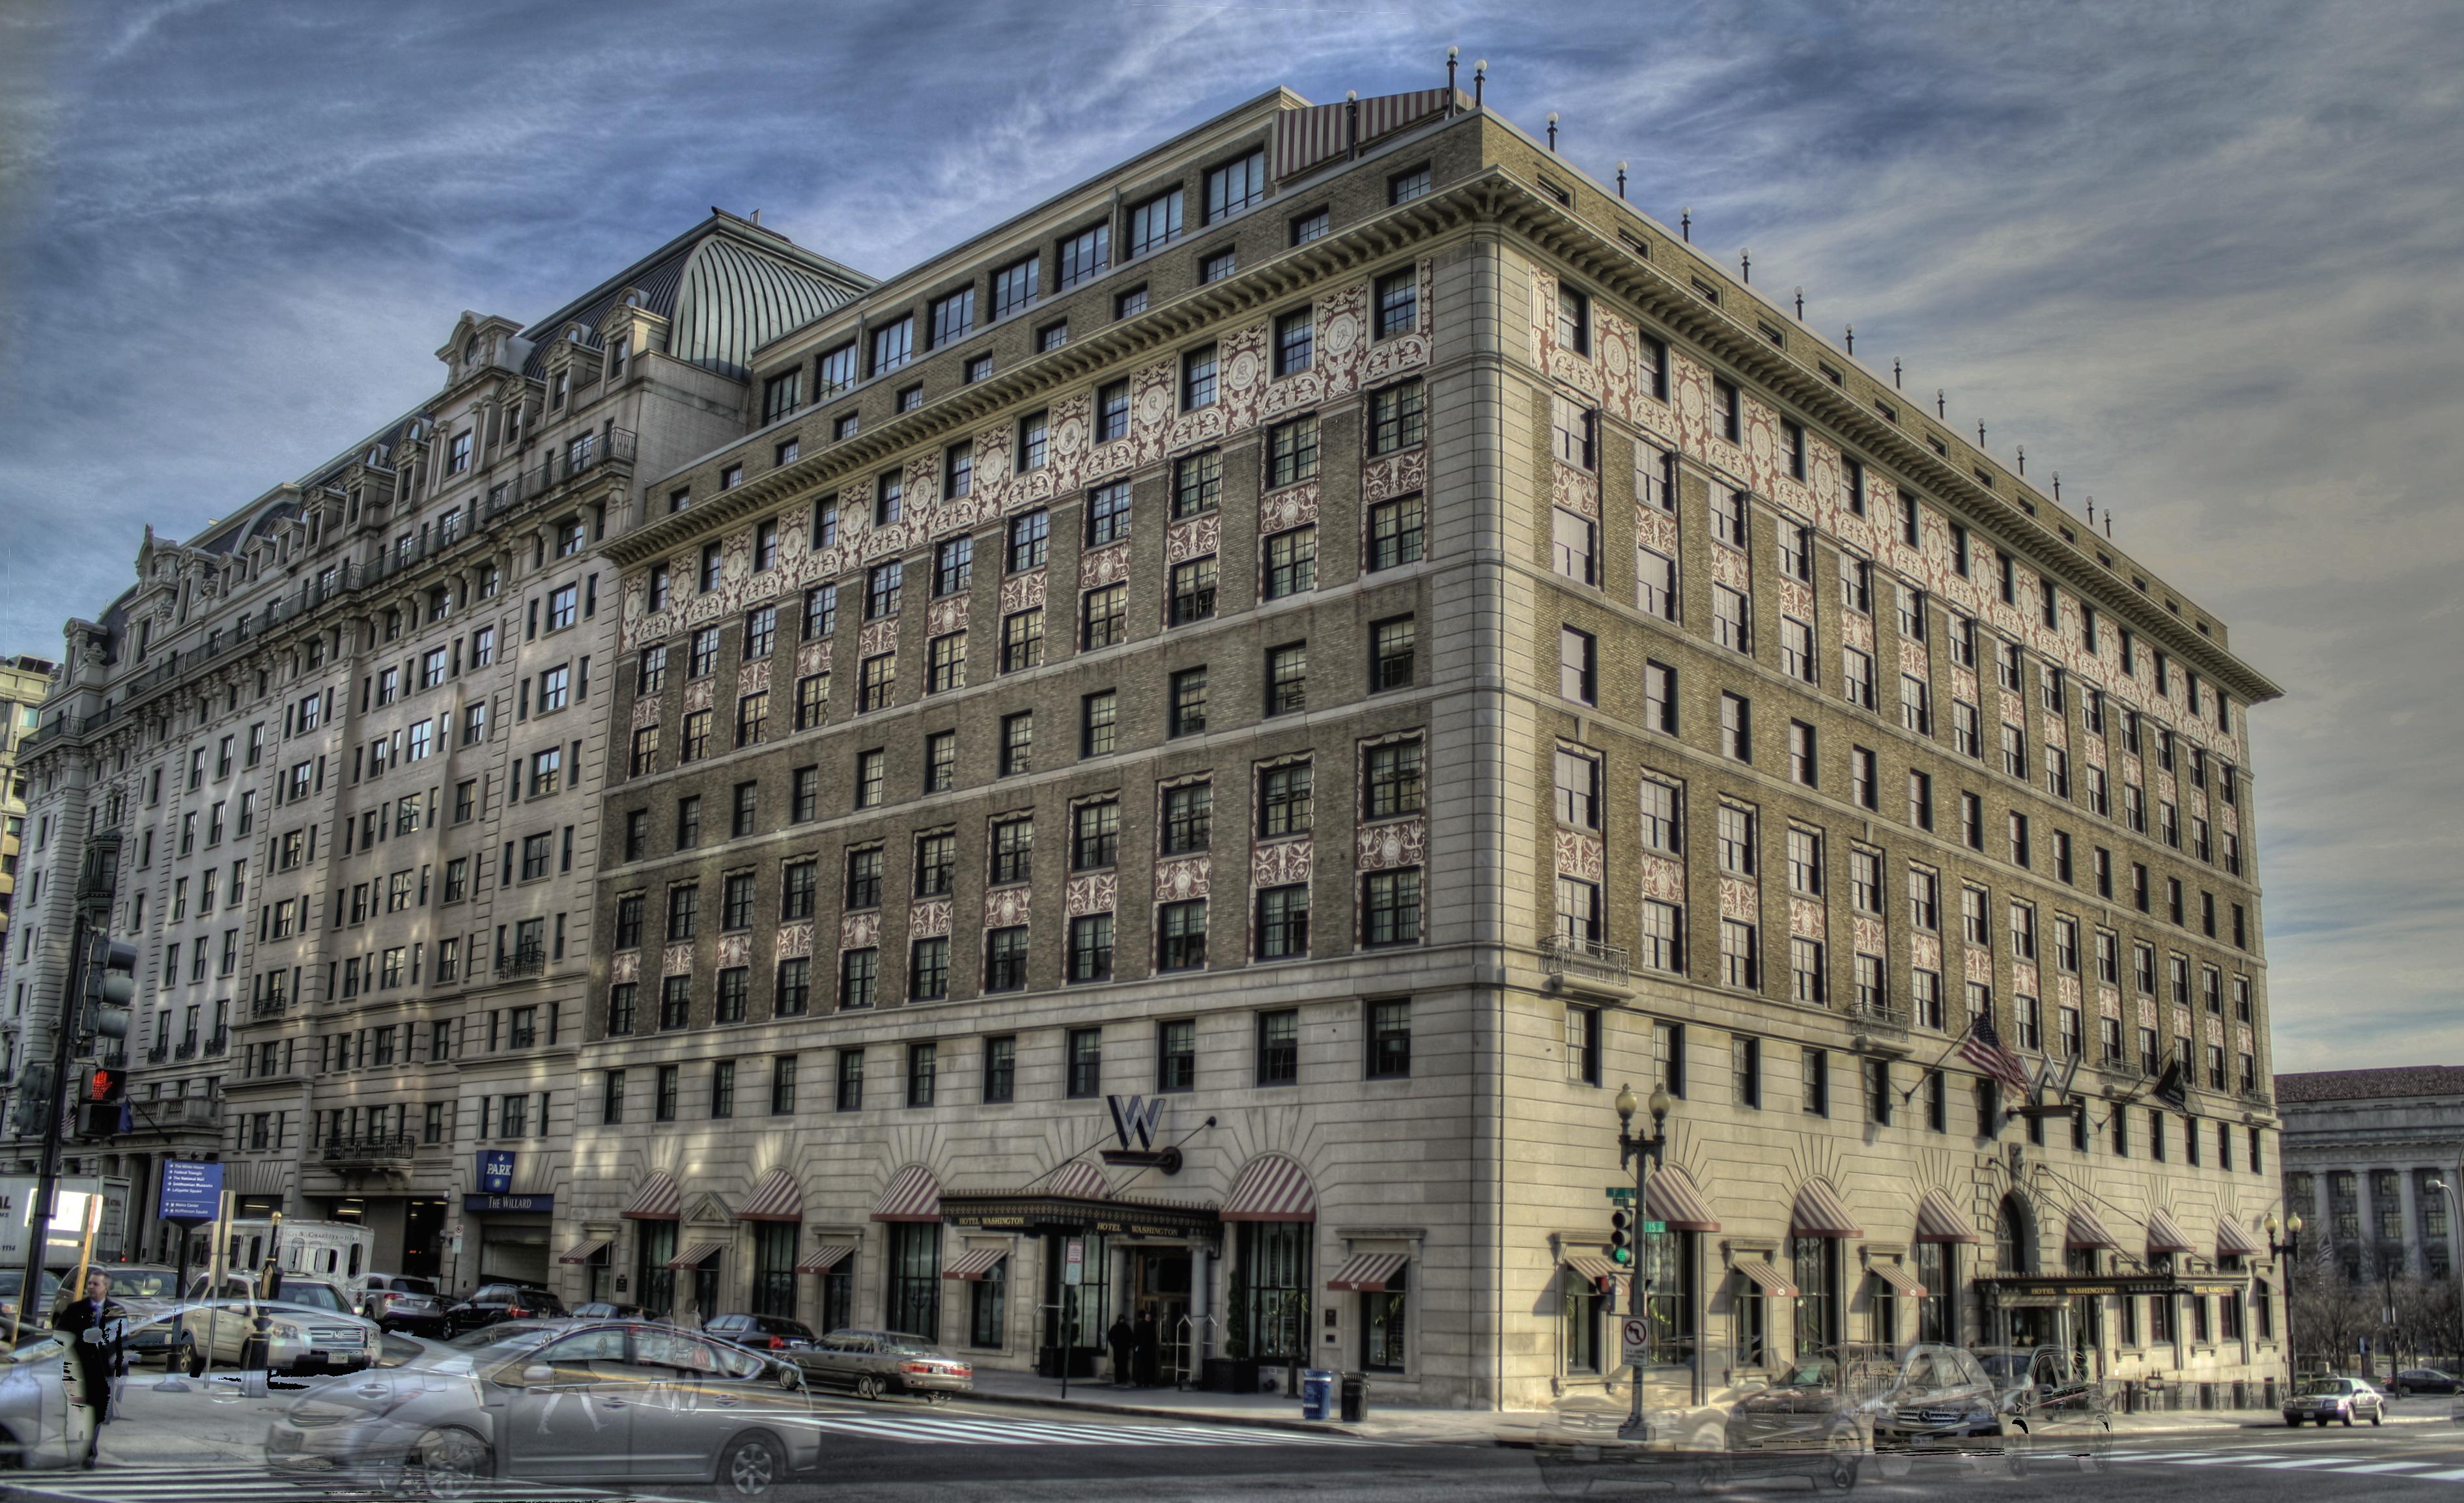 Hotels Washington Dc >> Hotel Washington Washington D C Wikipedia